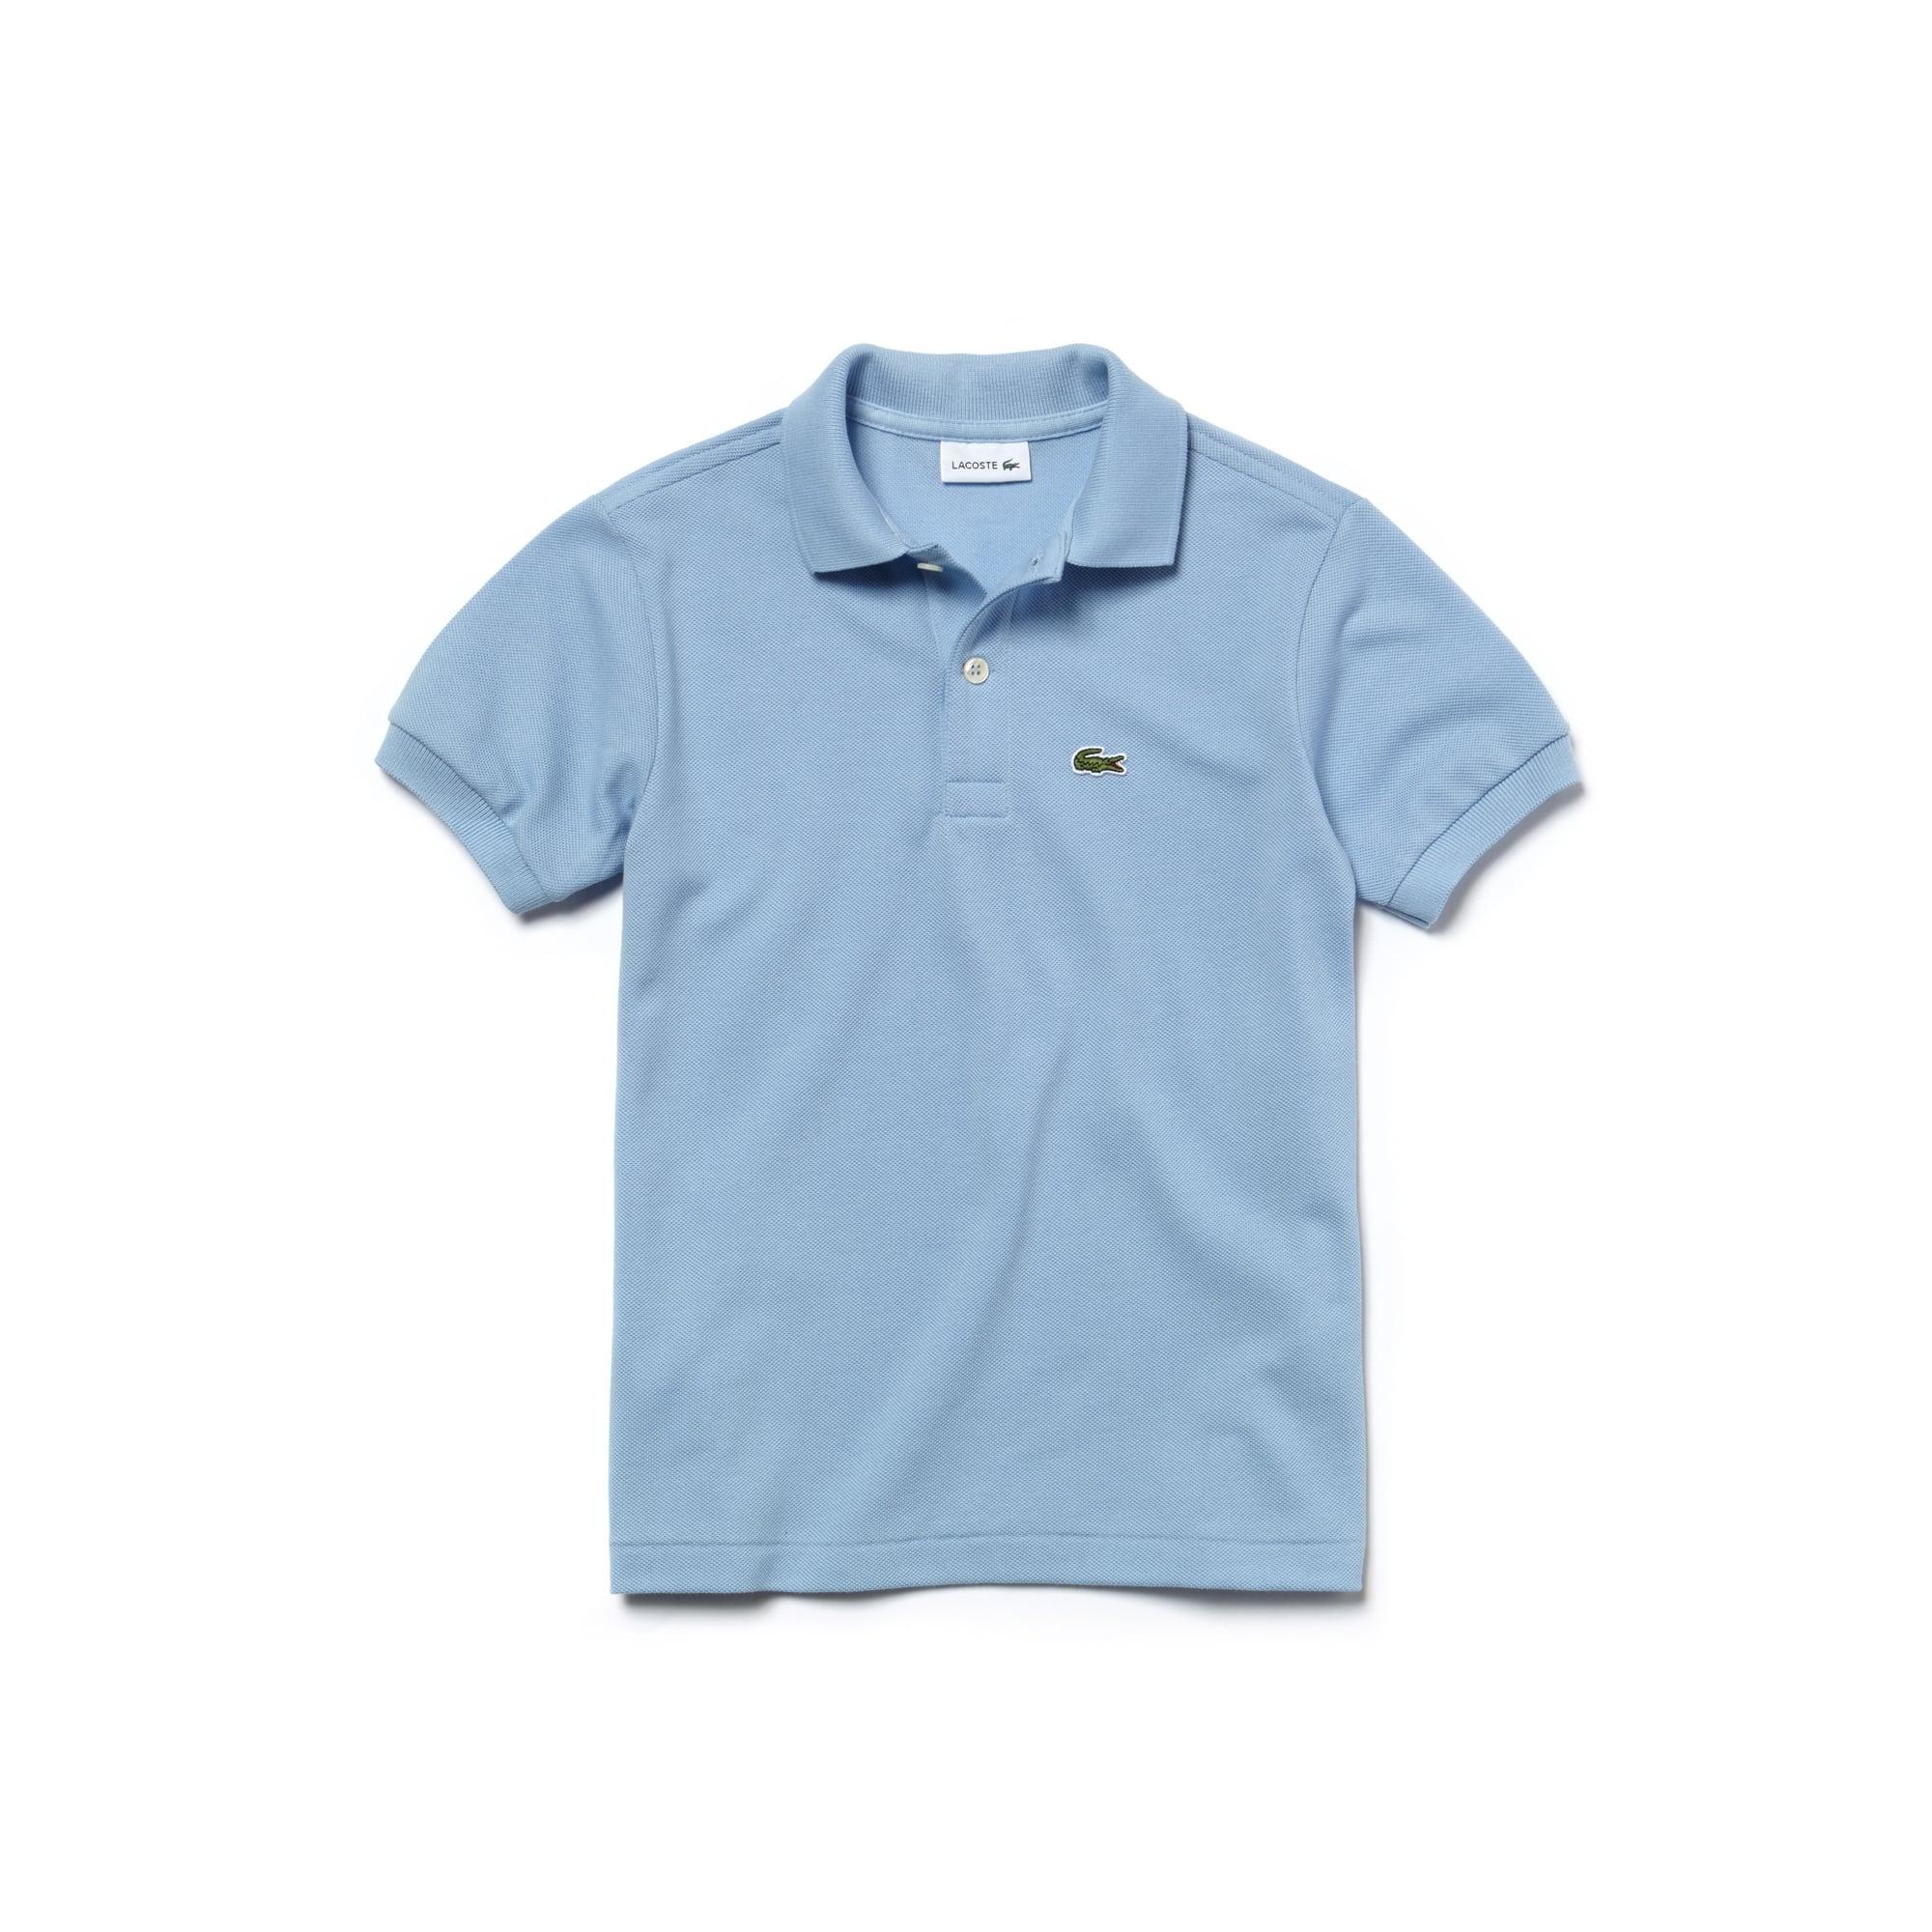 Lacoste Petit Piqué Polo Shirt